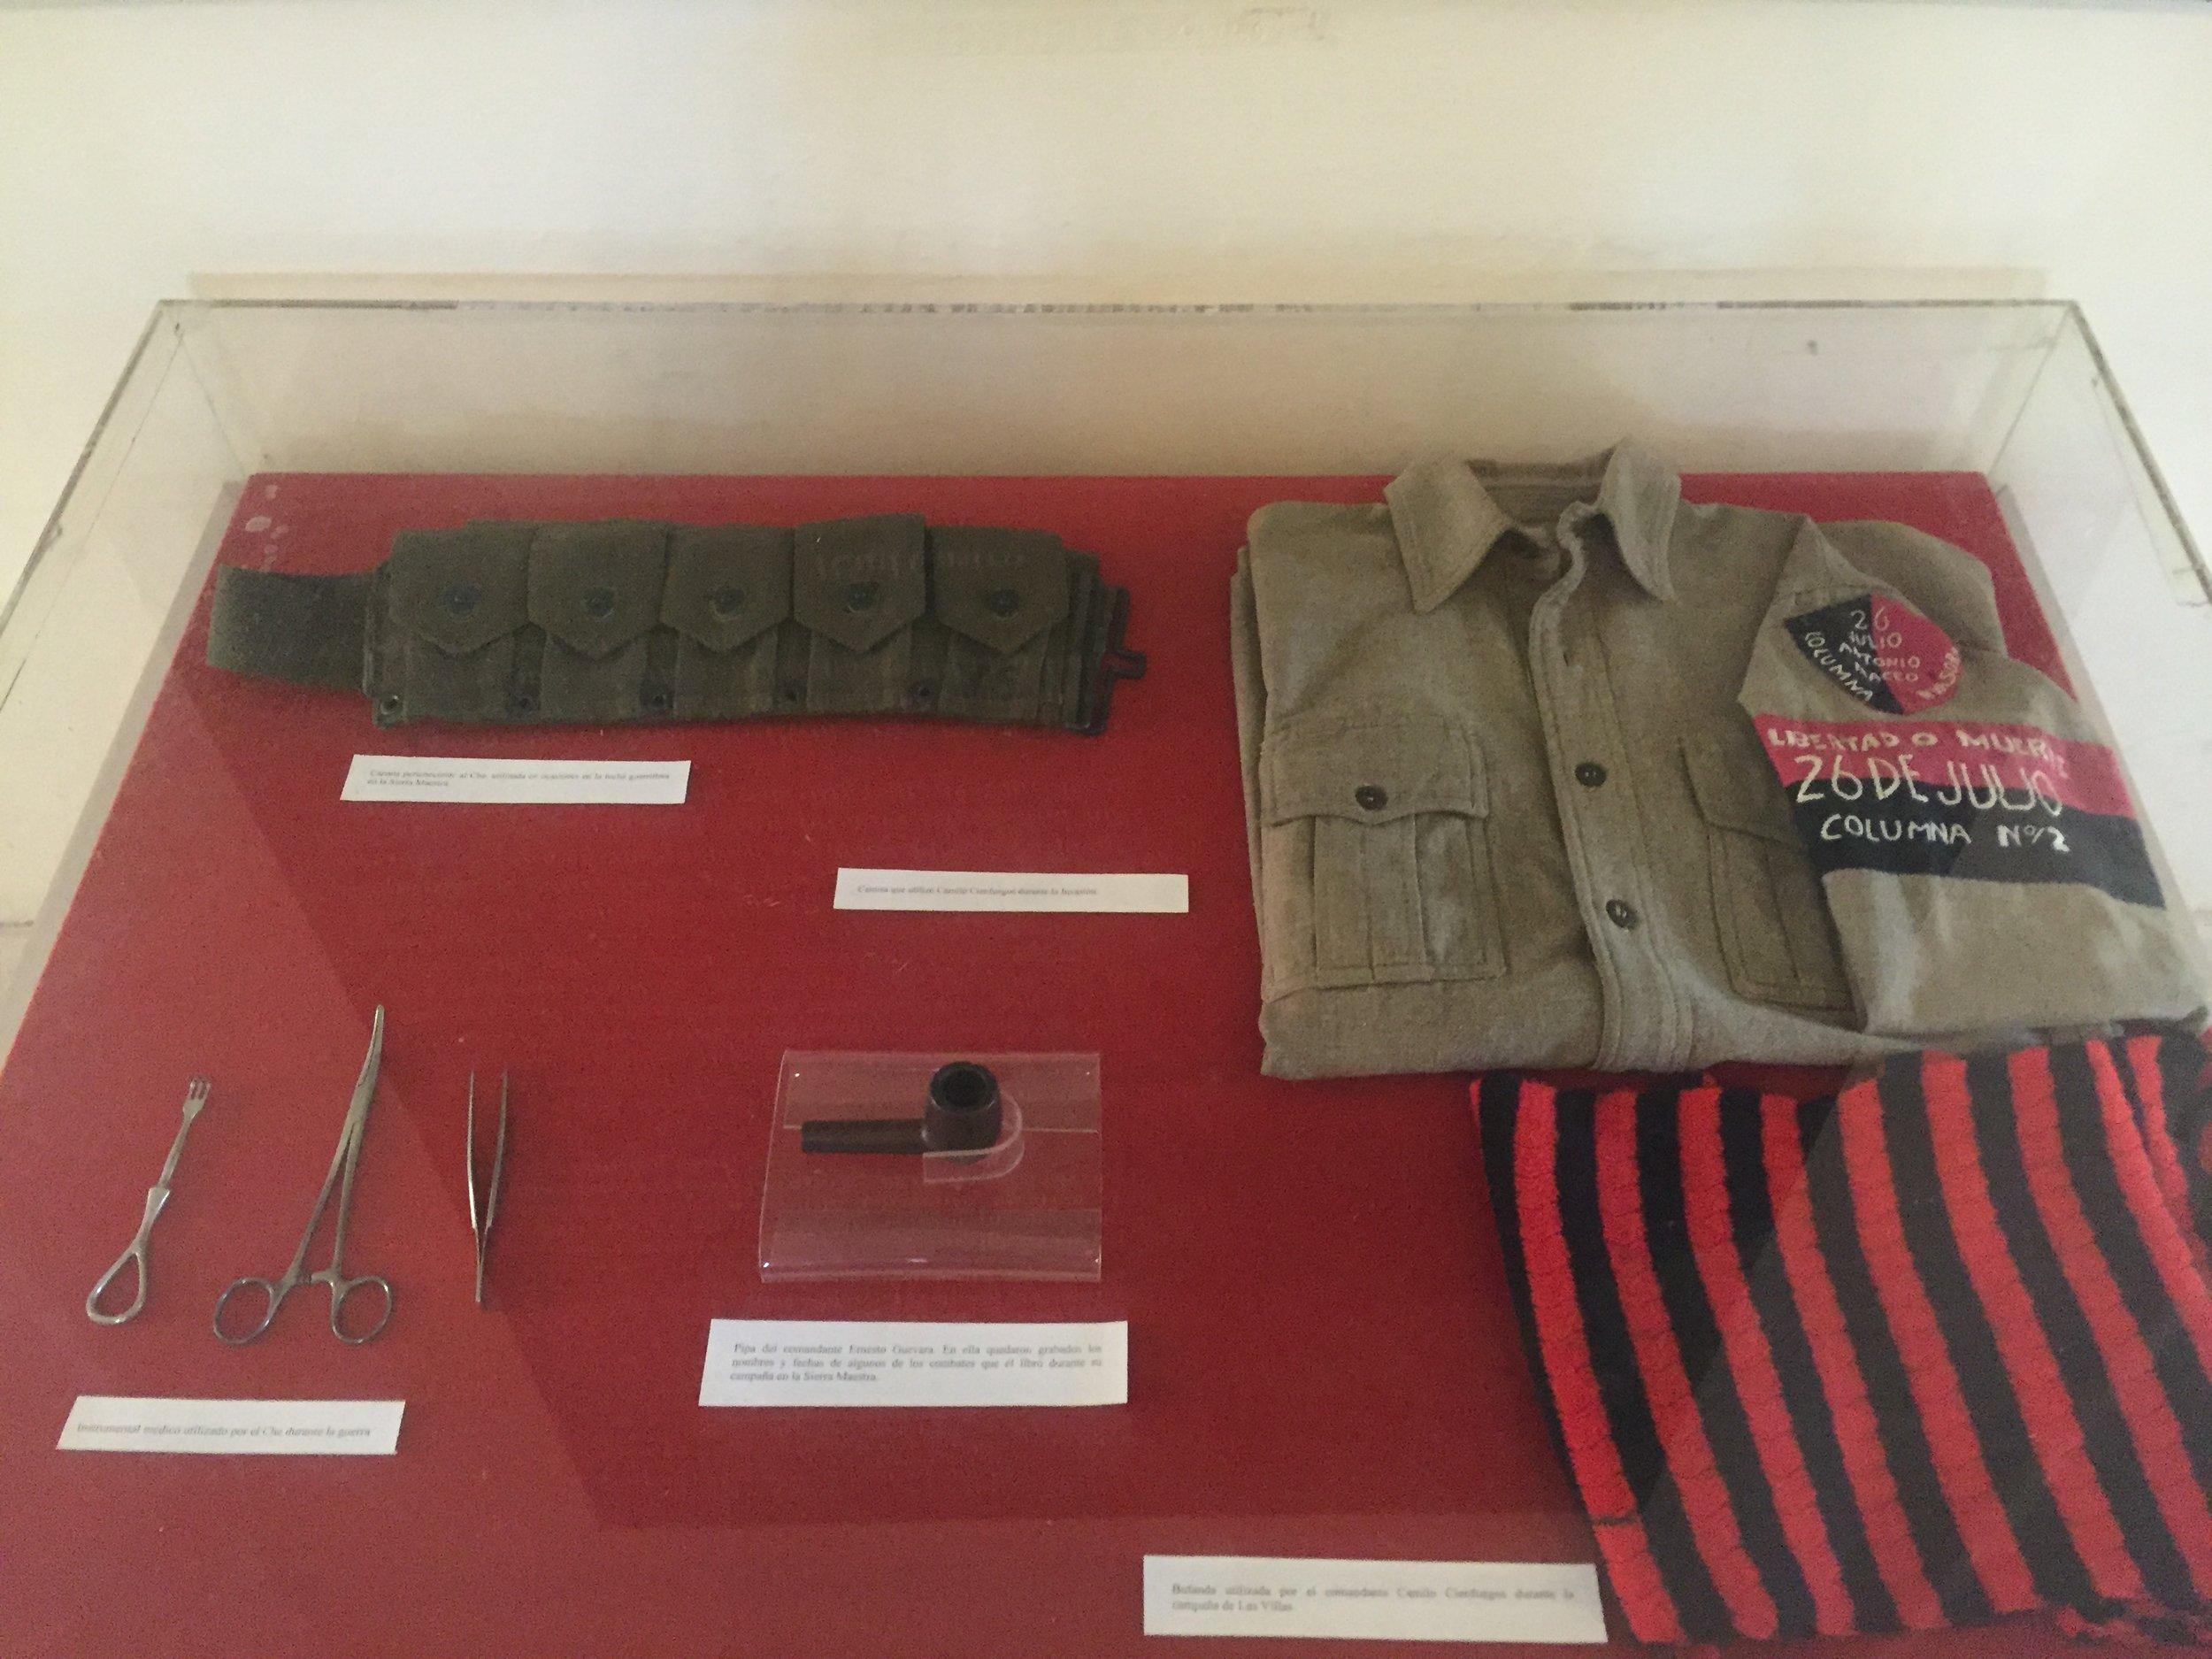 ملابس تش جيفارا من متحف الثورة